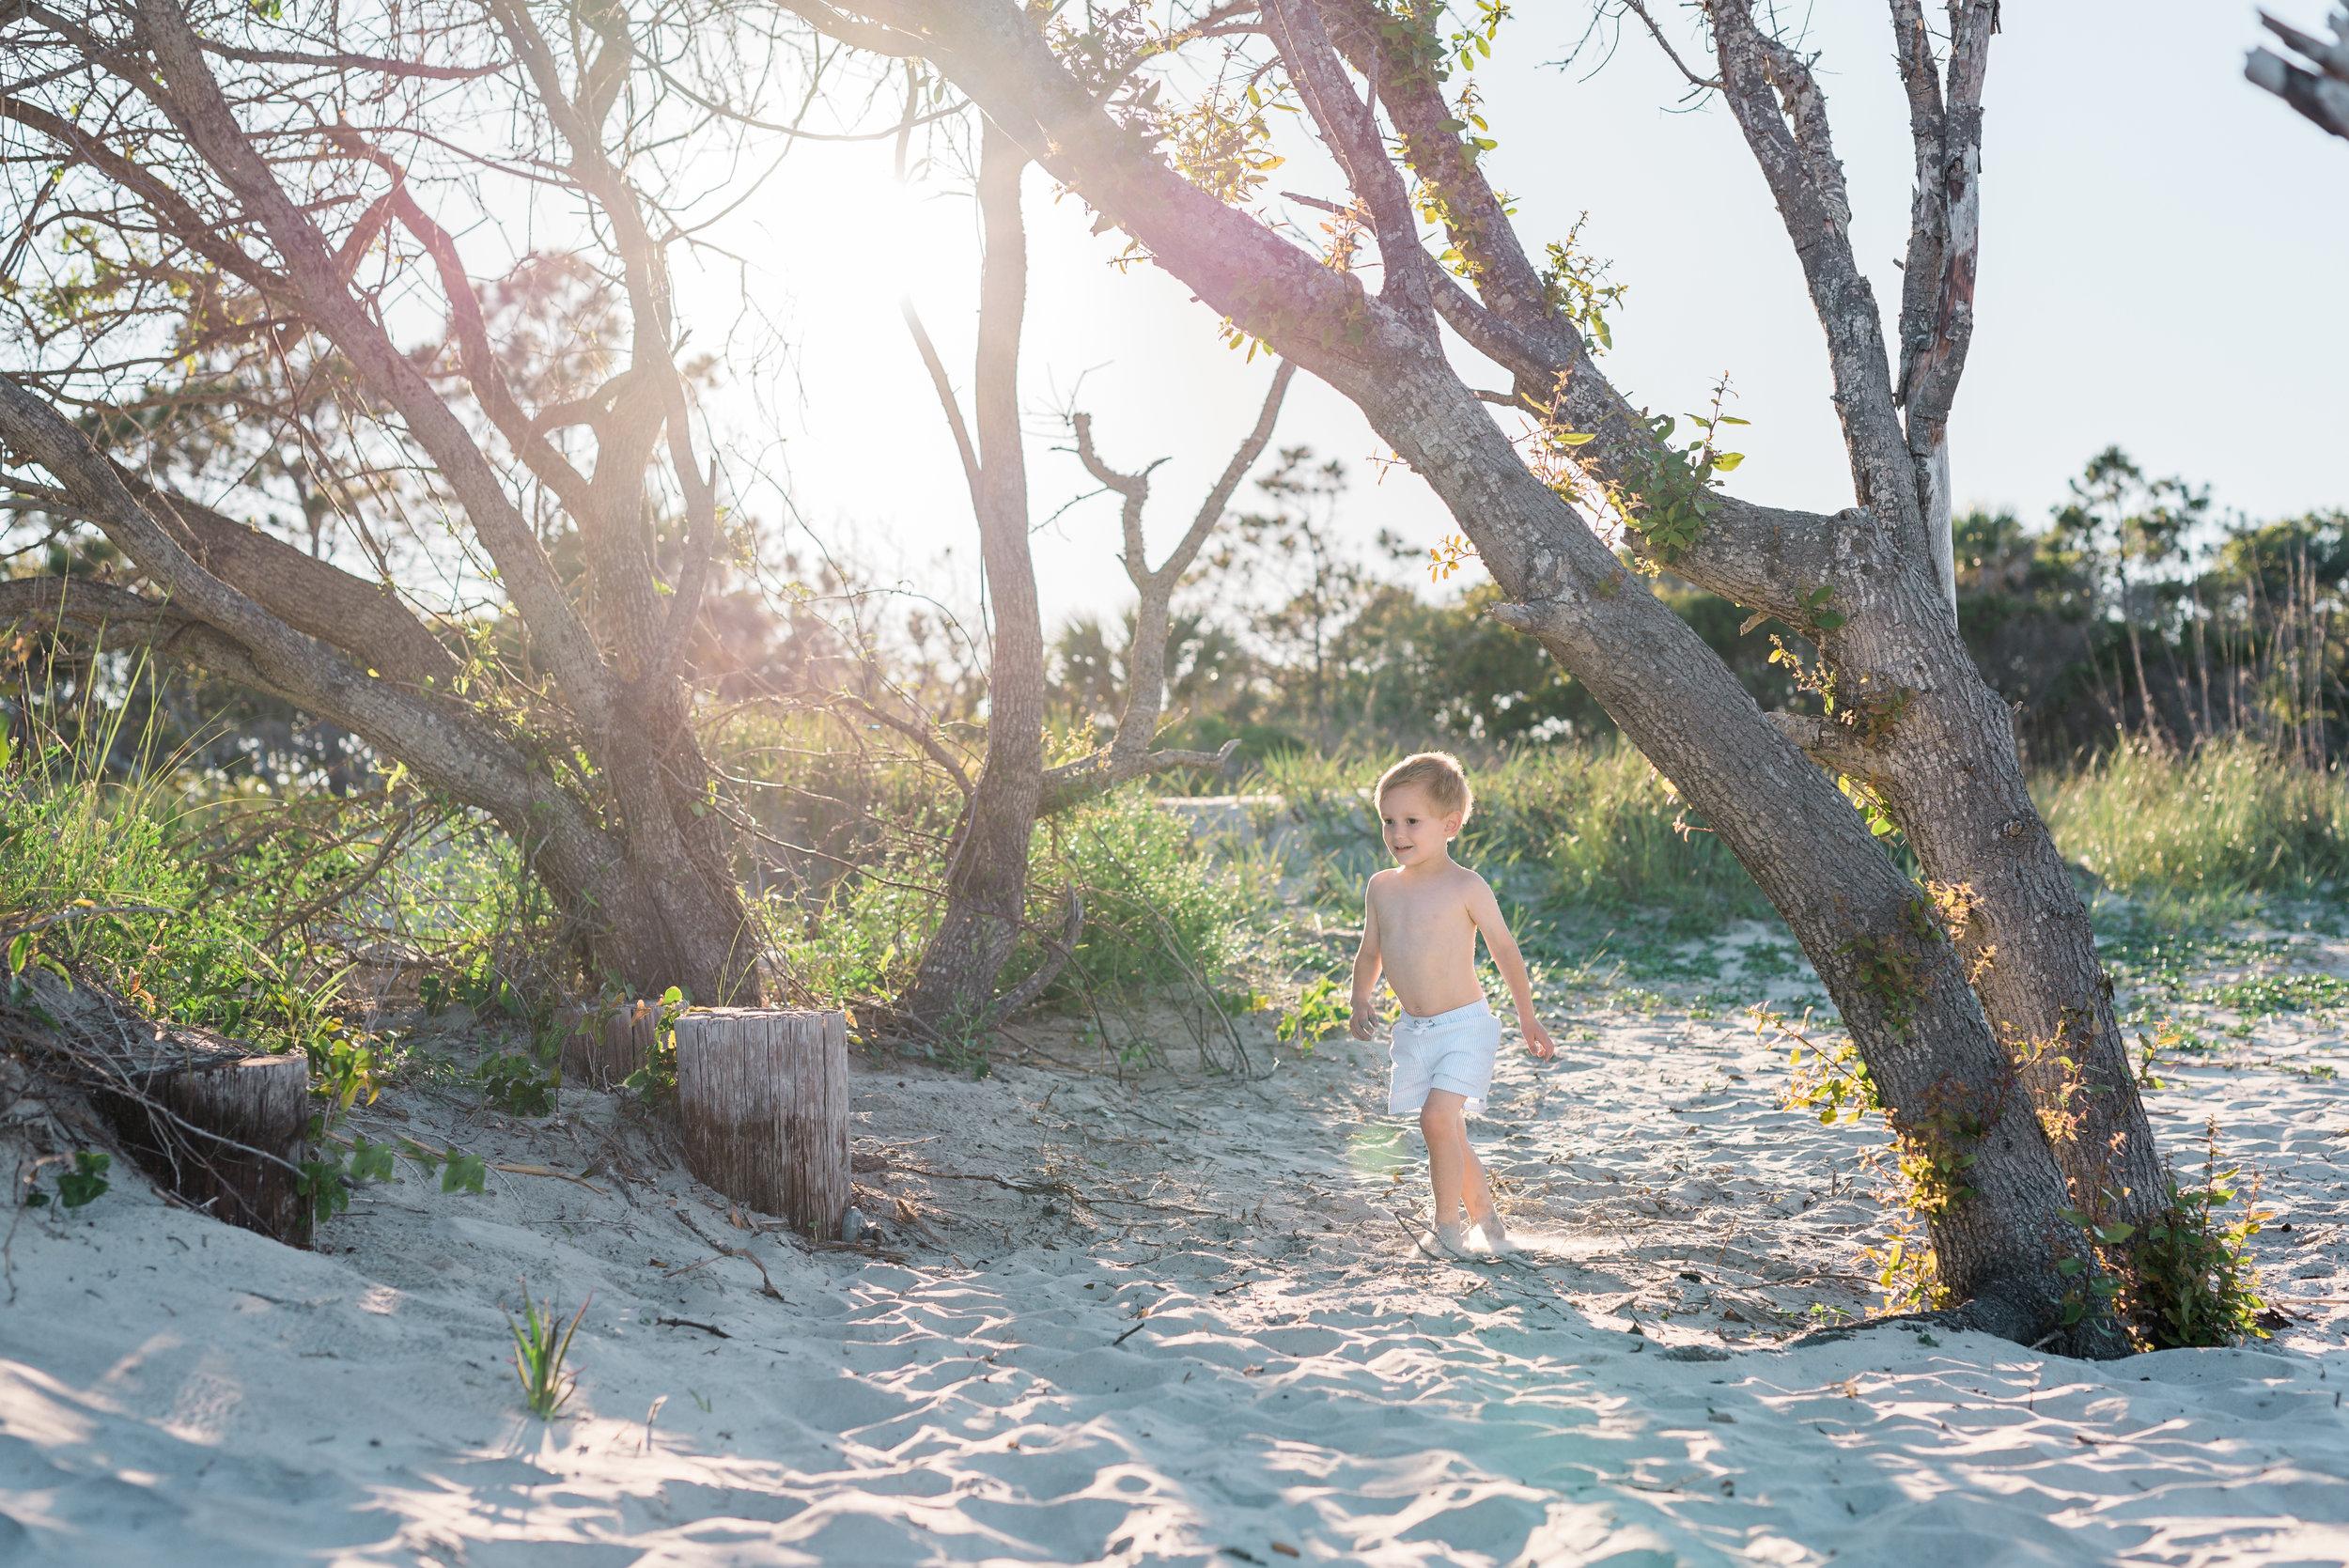 Folly-Beach-Family-Photographer-Following-Seas-Photography-3133 copy.jpg